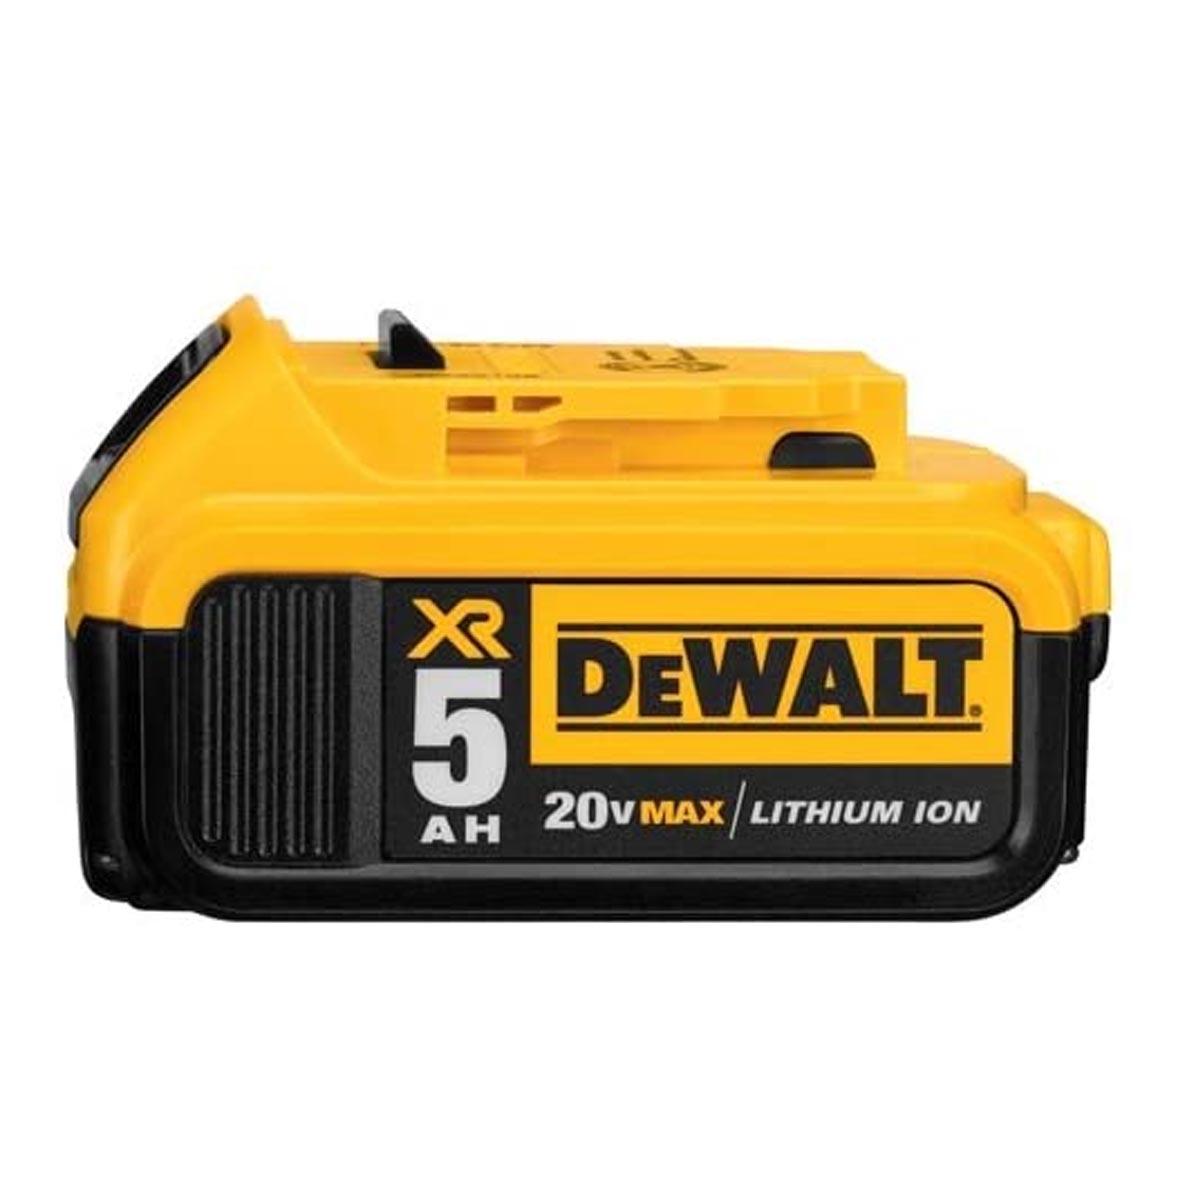 Bateria De 20v 5 Amp Flexvolt Dcb205 Dewalt